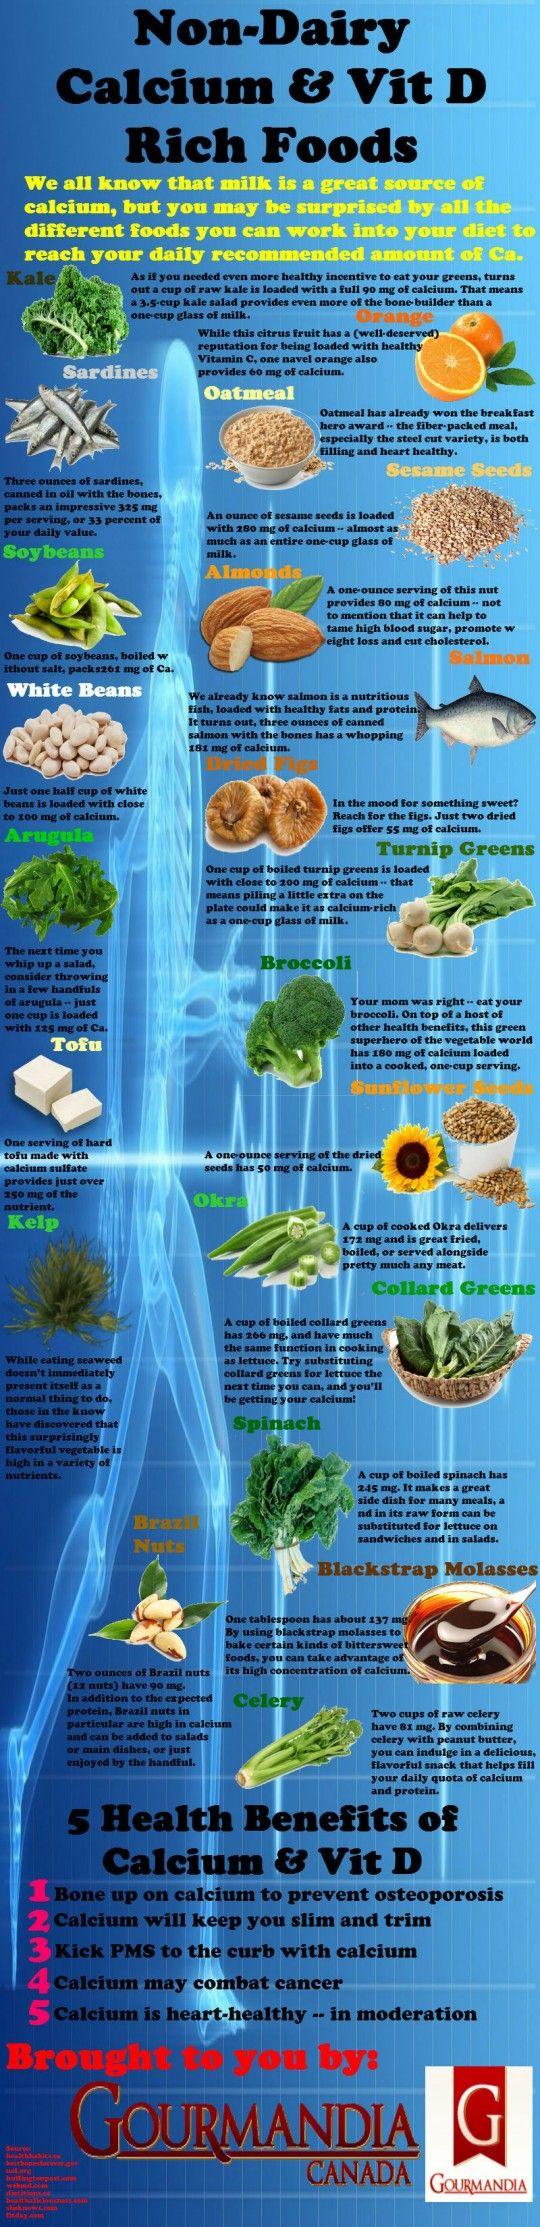 Non-Dairy Calcium & Vit D Rich Foods